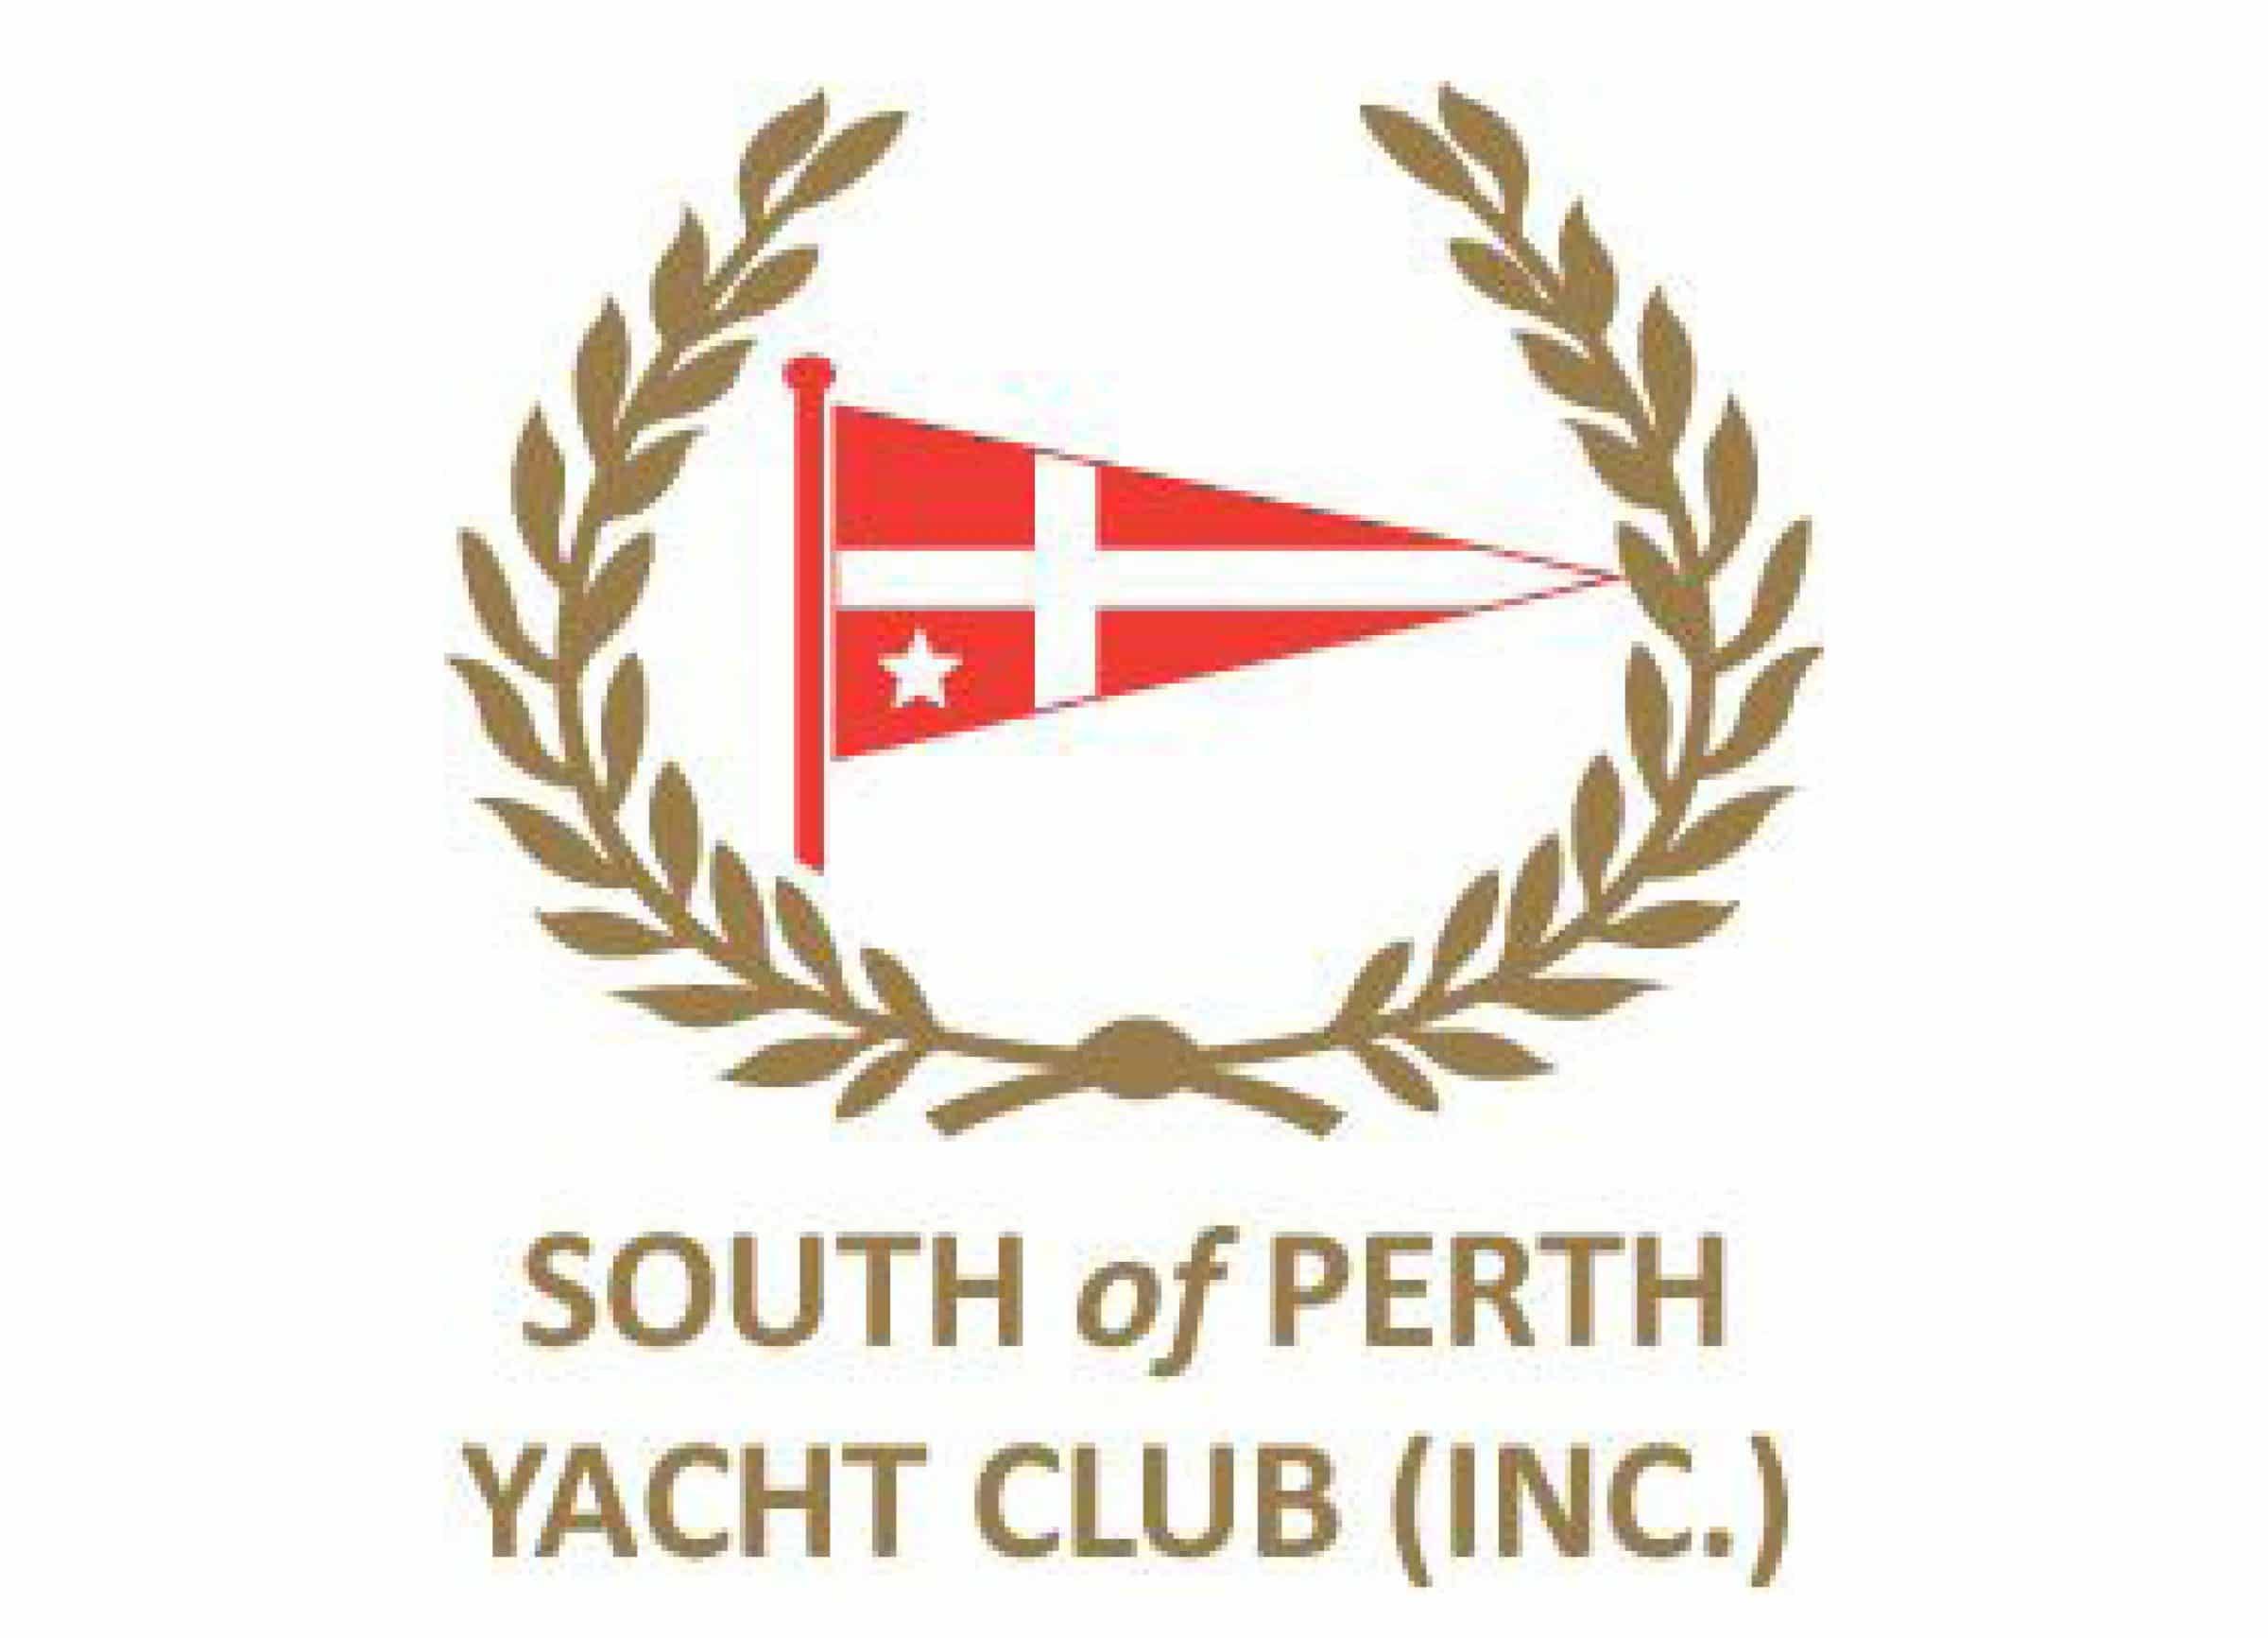 south of perth yacht club logo